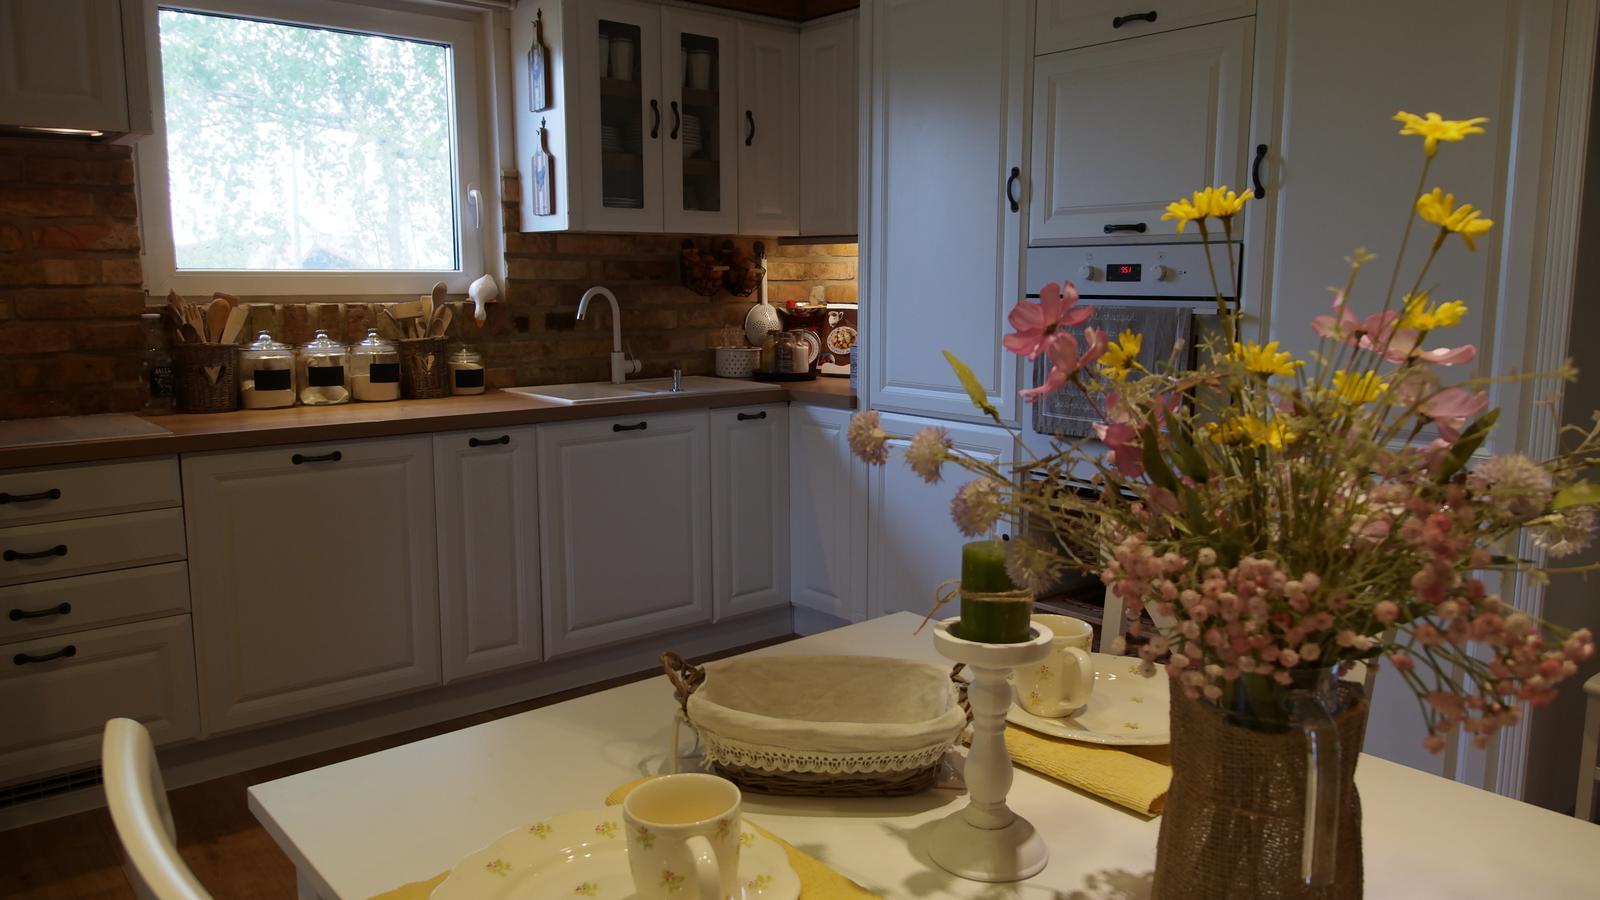 Náš domček ♡ Bramasole ♡ ... Stilo interiér aj exteriér 3. rok bývania - Obrázok č. 33